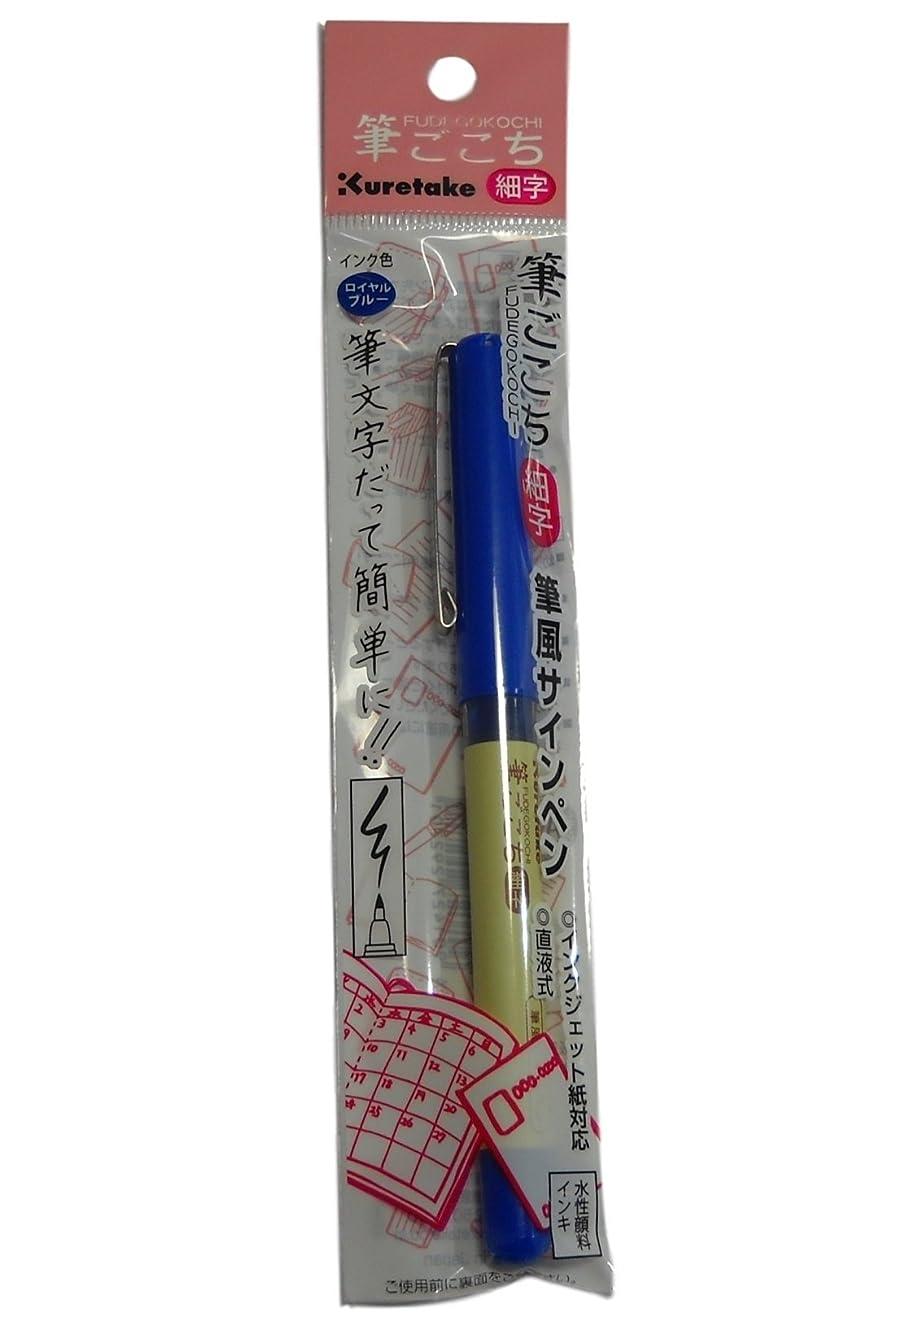 Kuretake Fude Brush Pen in Retail Package, Fudegokochi Royal Blue Ink (LS6-030S)